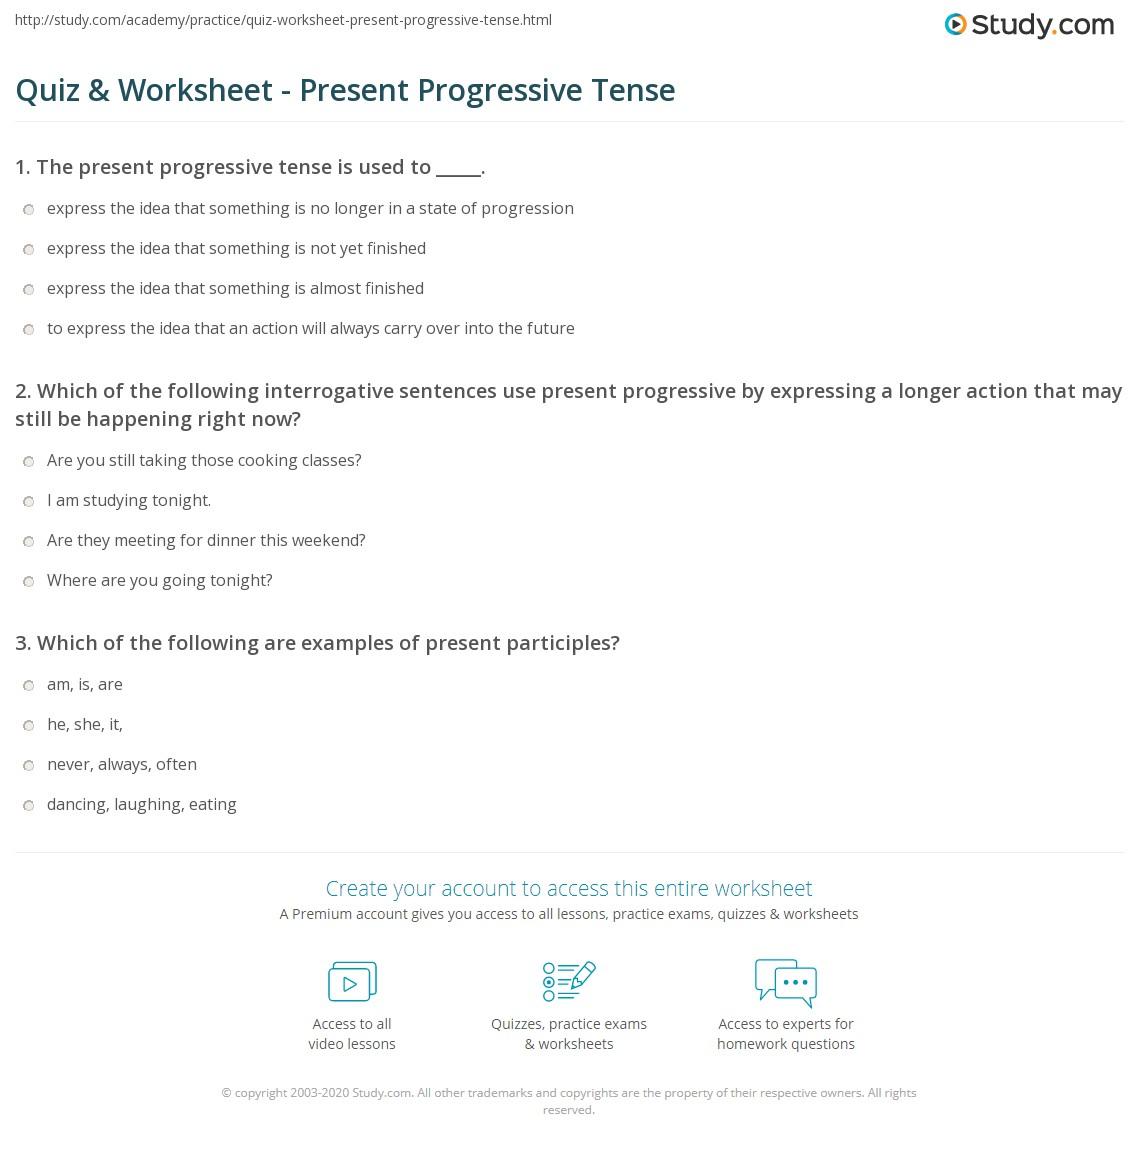 Quiz & Worksheet - Present Progressive Tense | Study.com